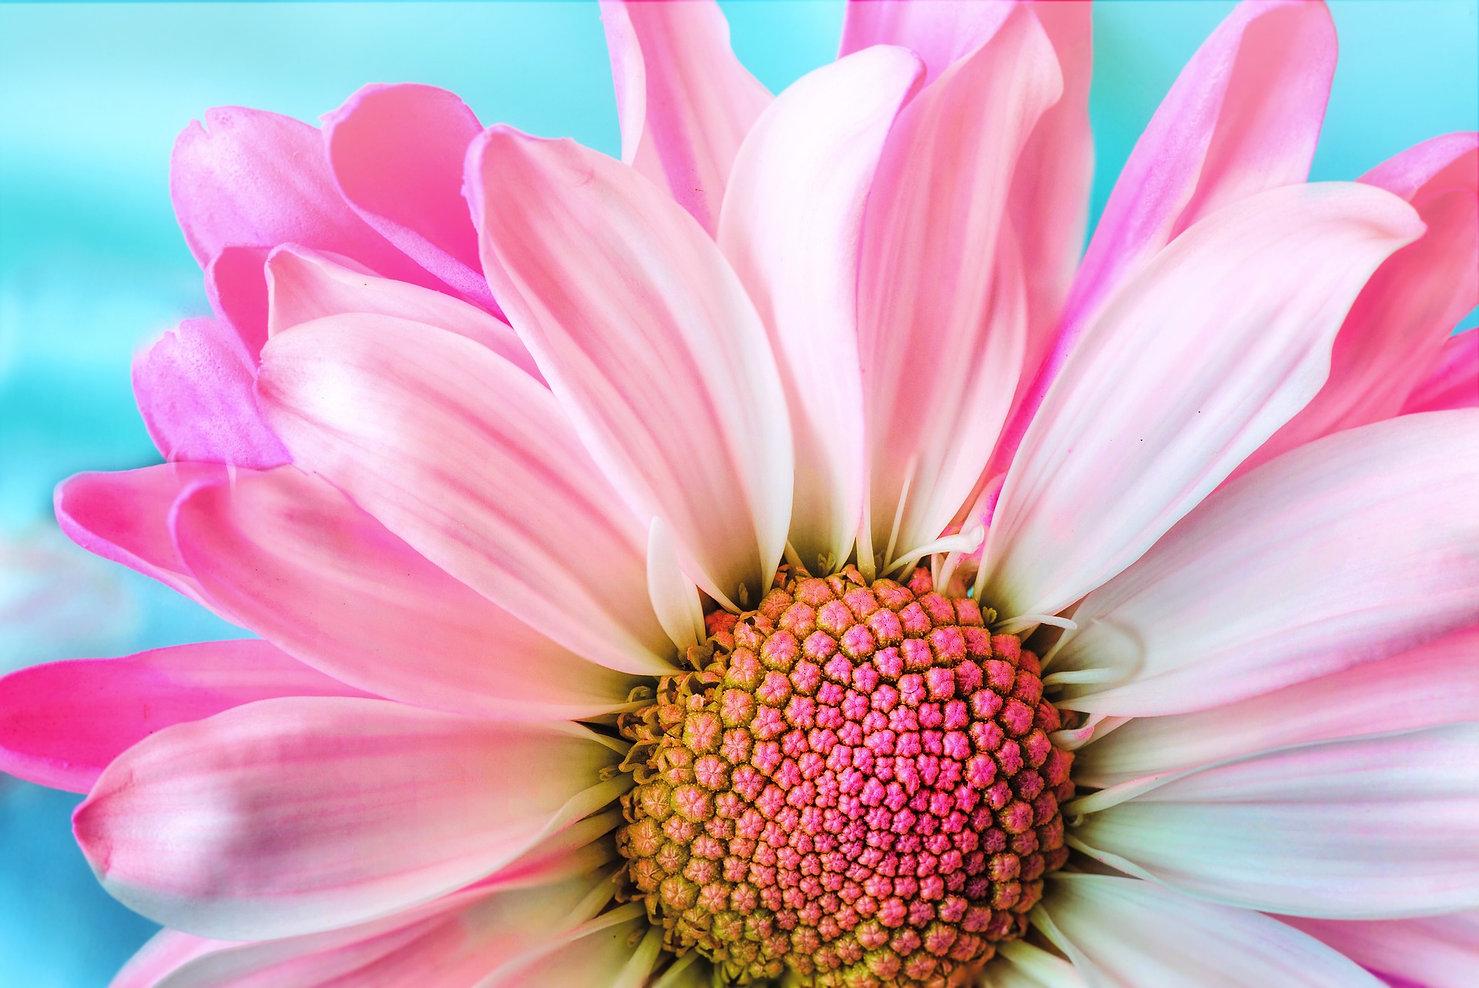 flower-3140492_1920.jpg